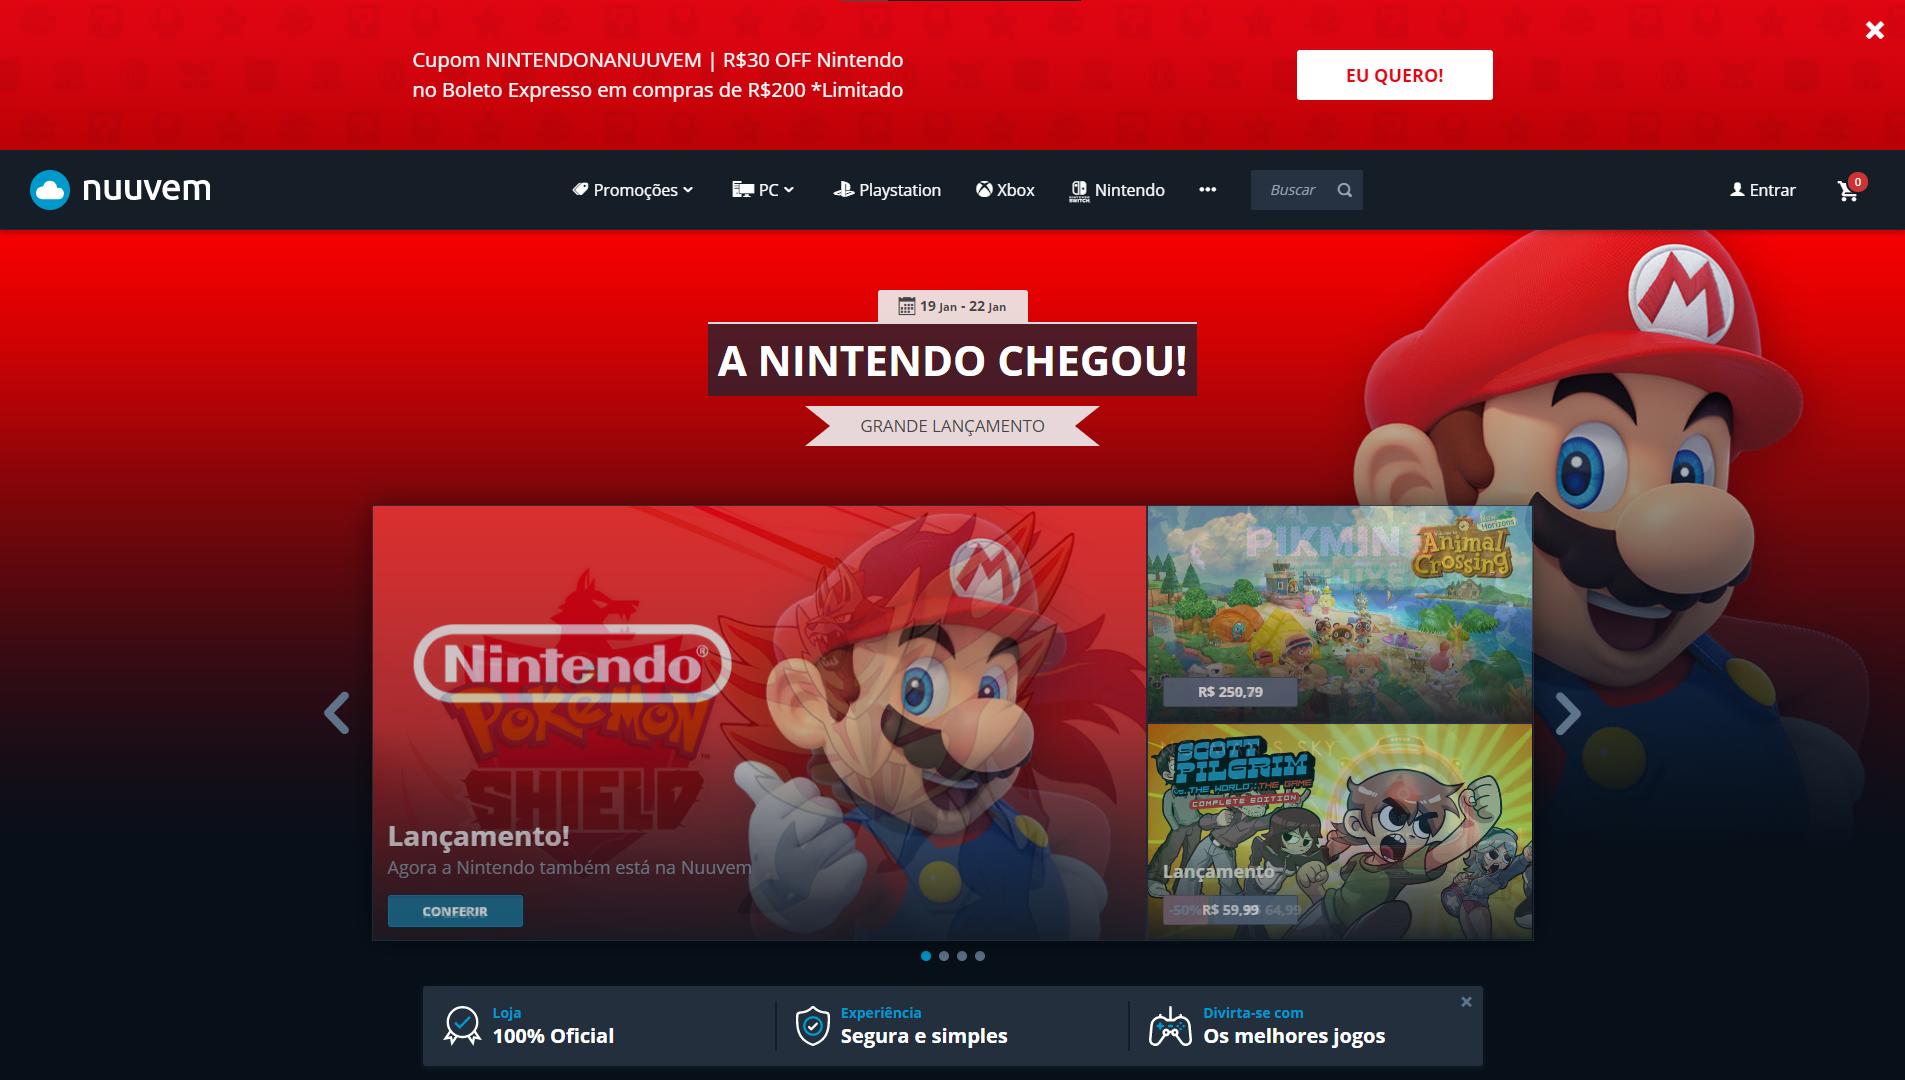 Nuuvem parceria oficial com a Nintendo